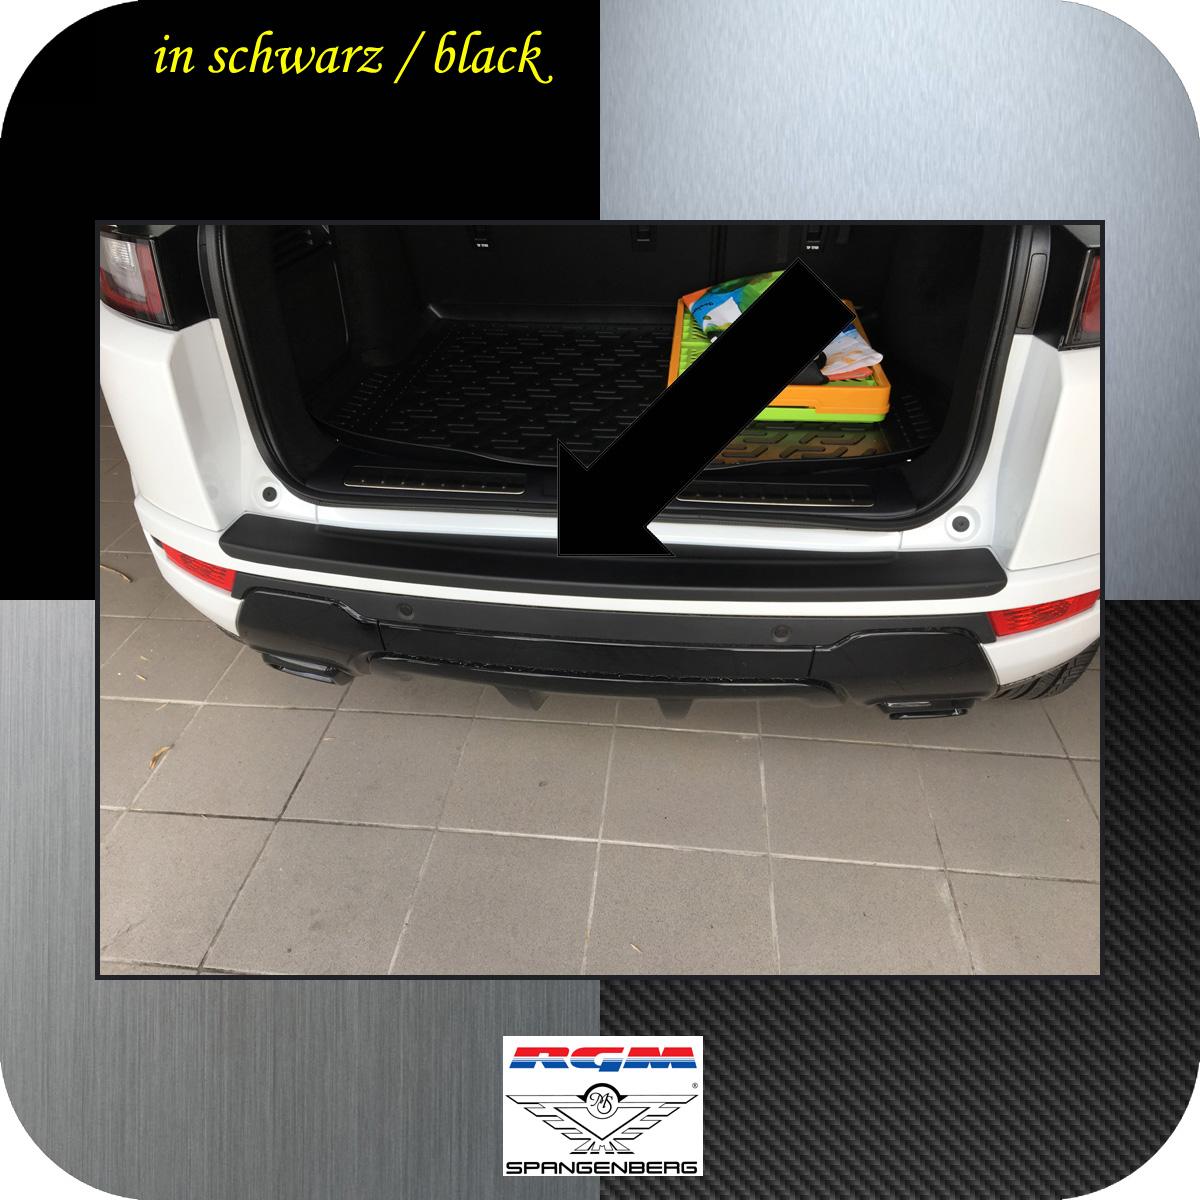 Ladekantenschutz schwarz Land Rover Range Rover Evoque 5-Türer 2011- 3500565